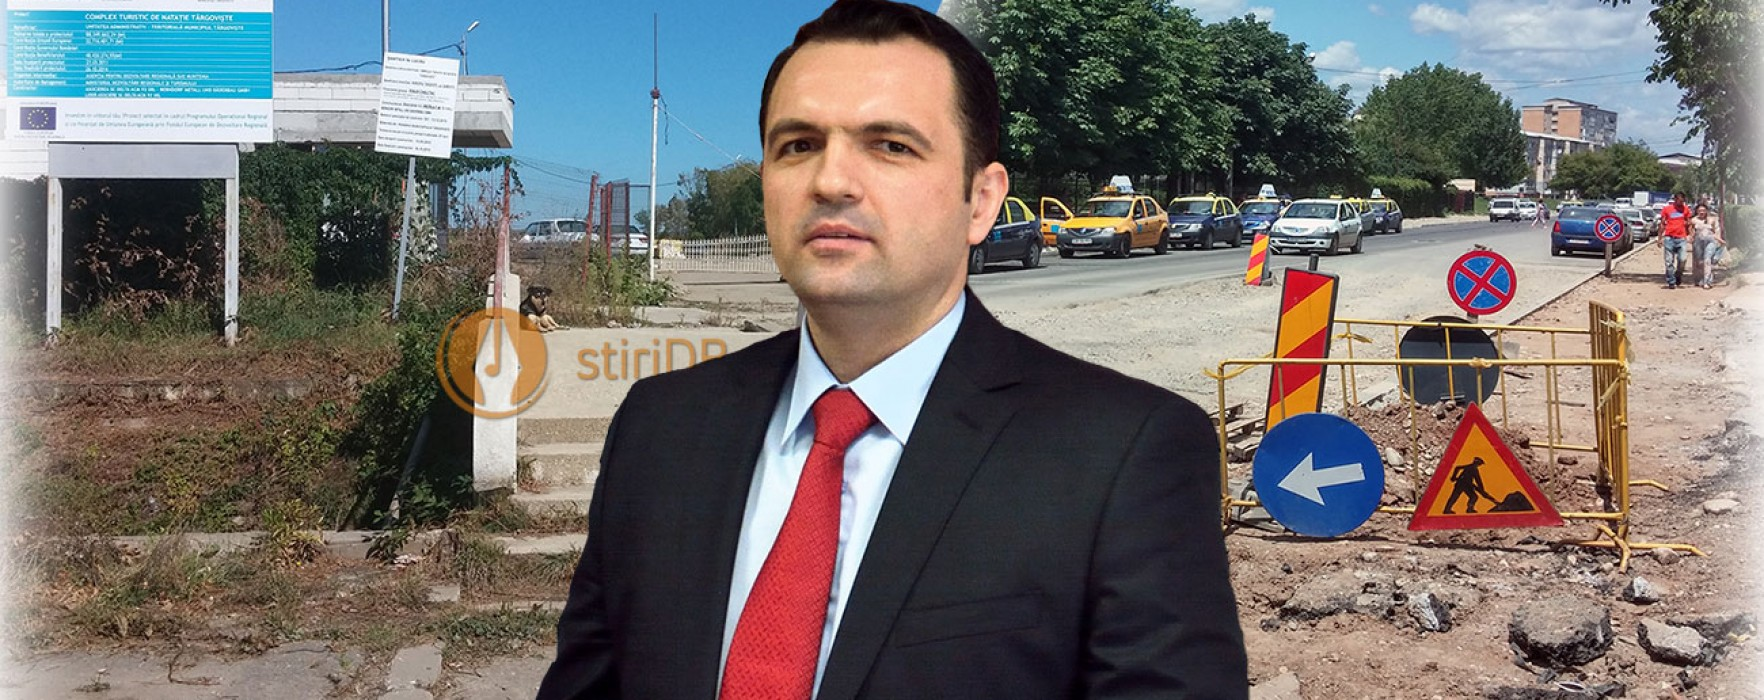 Cristian Stan: Sunt nemulţumit de cum au fost implementate PIDU-rile şi complexul de nataţie, în Târgovişte